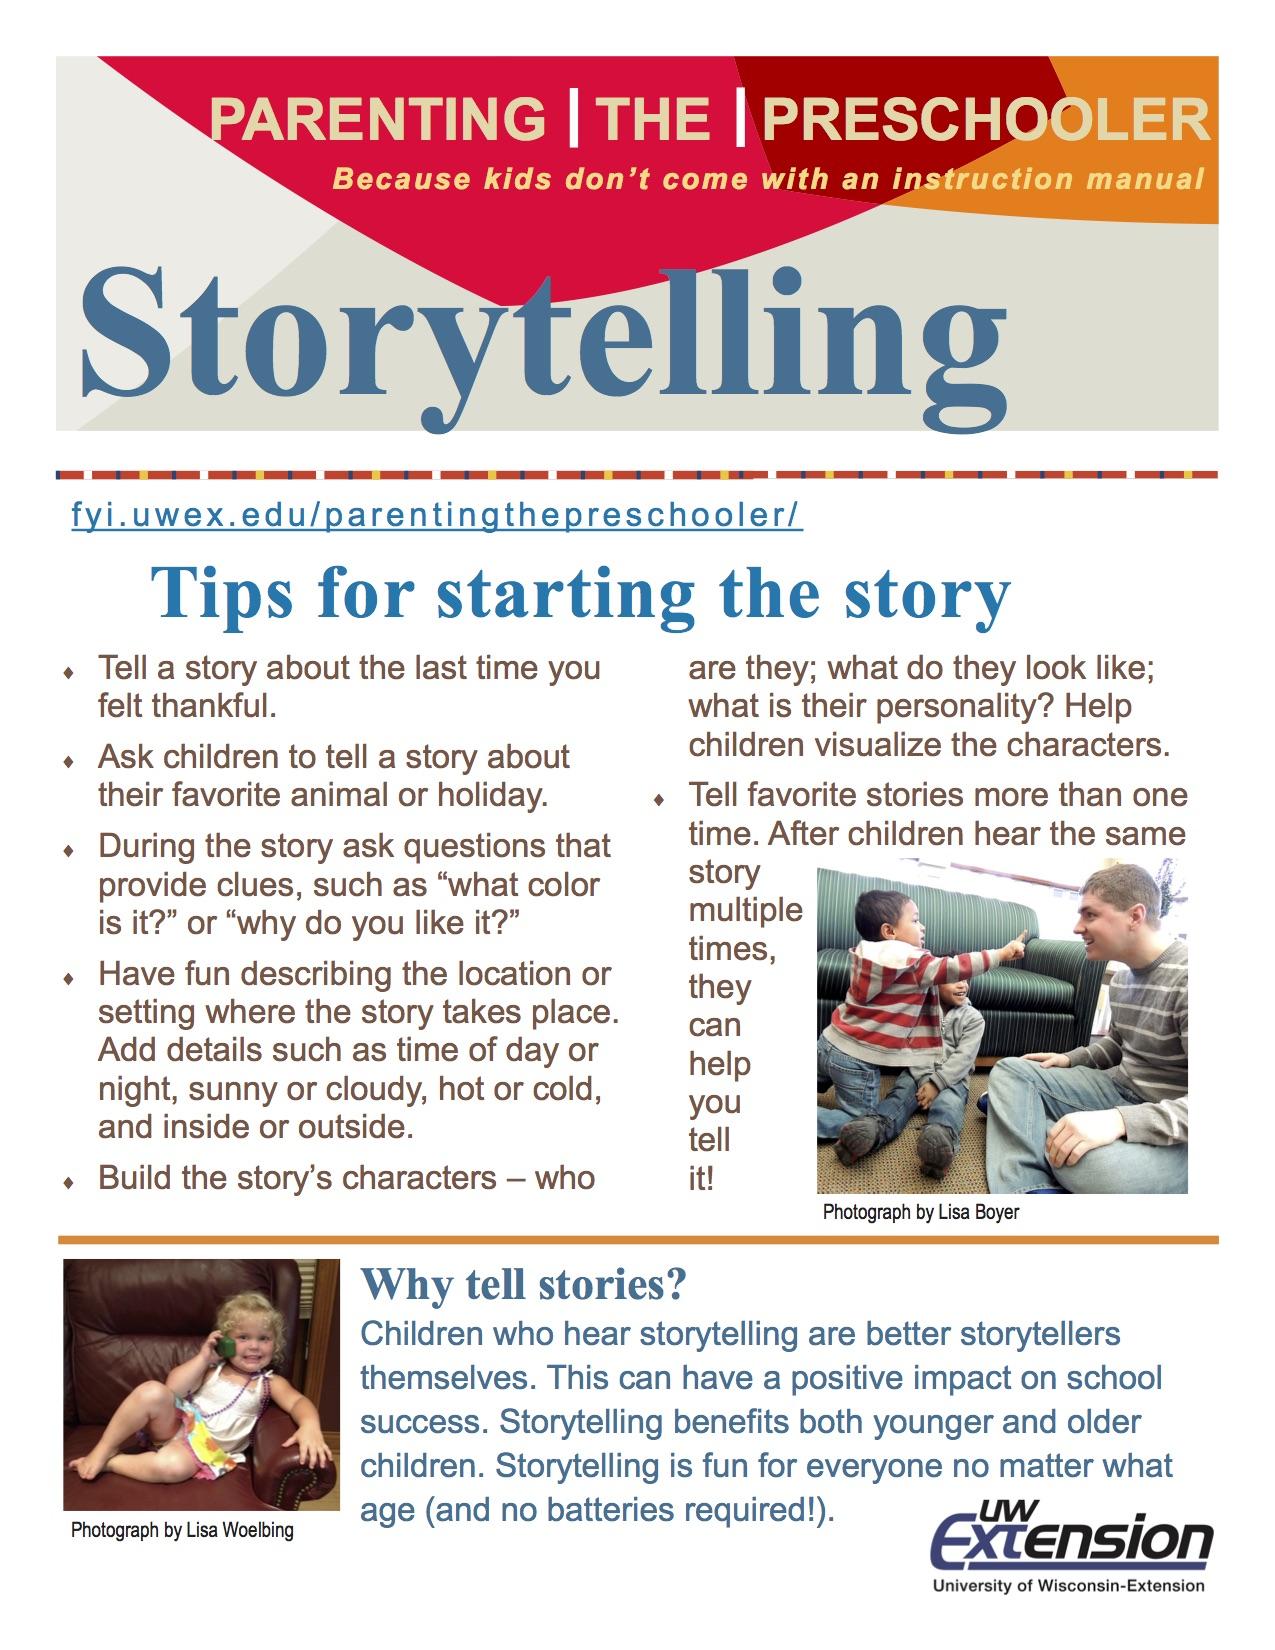 PtP-Storytelling-State